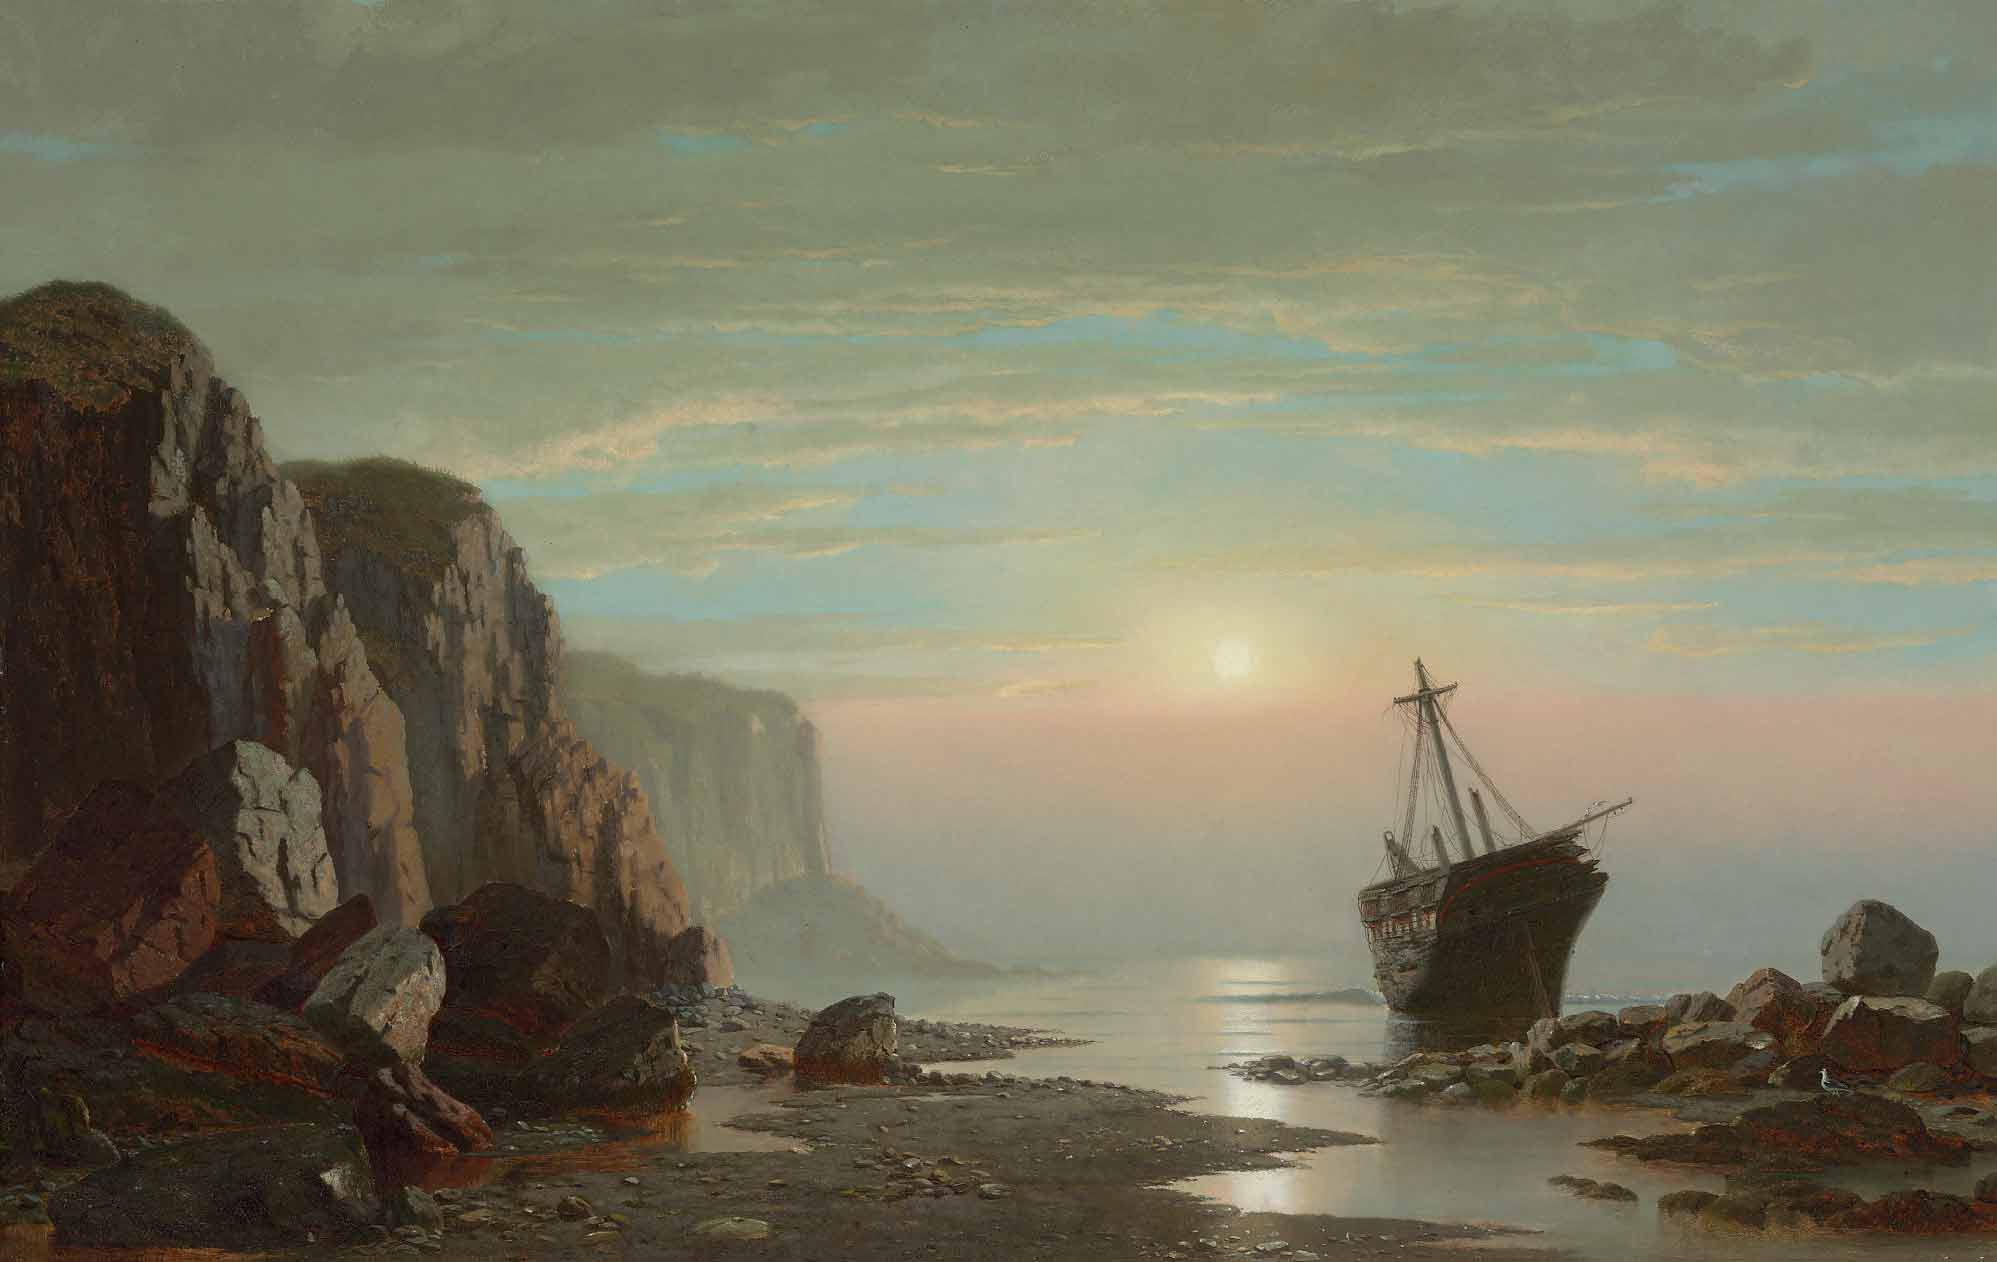 The Coast of Labrador